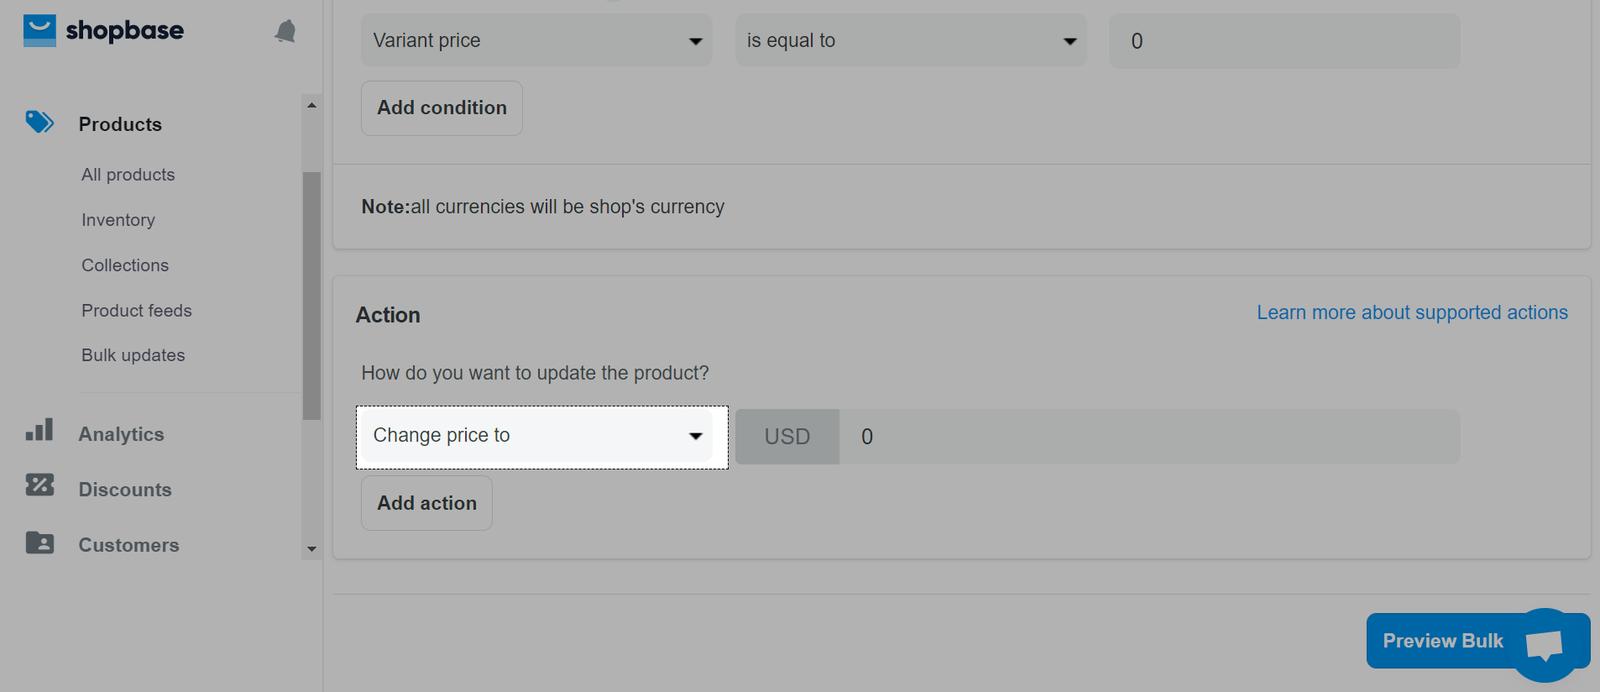 Bấm vào menu thả xuống để chọn hành động cập nhật mà bạn muốn hệ thống thực hiện